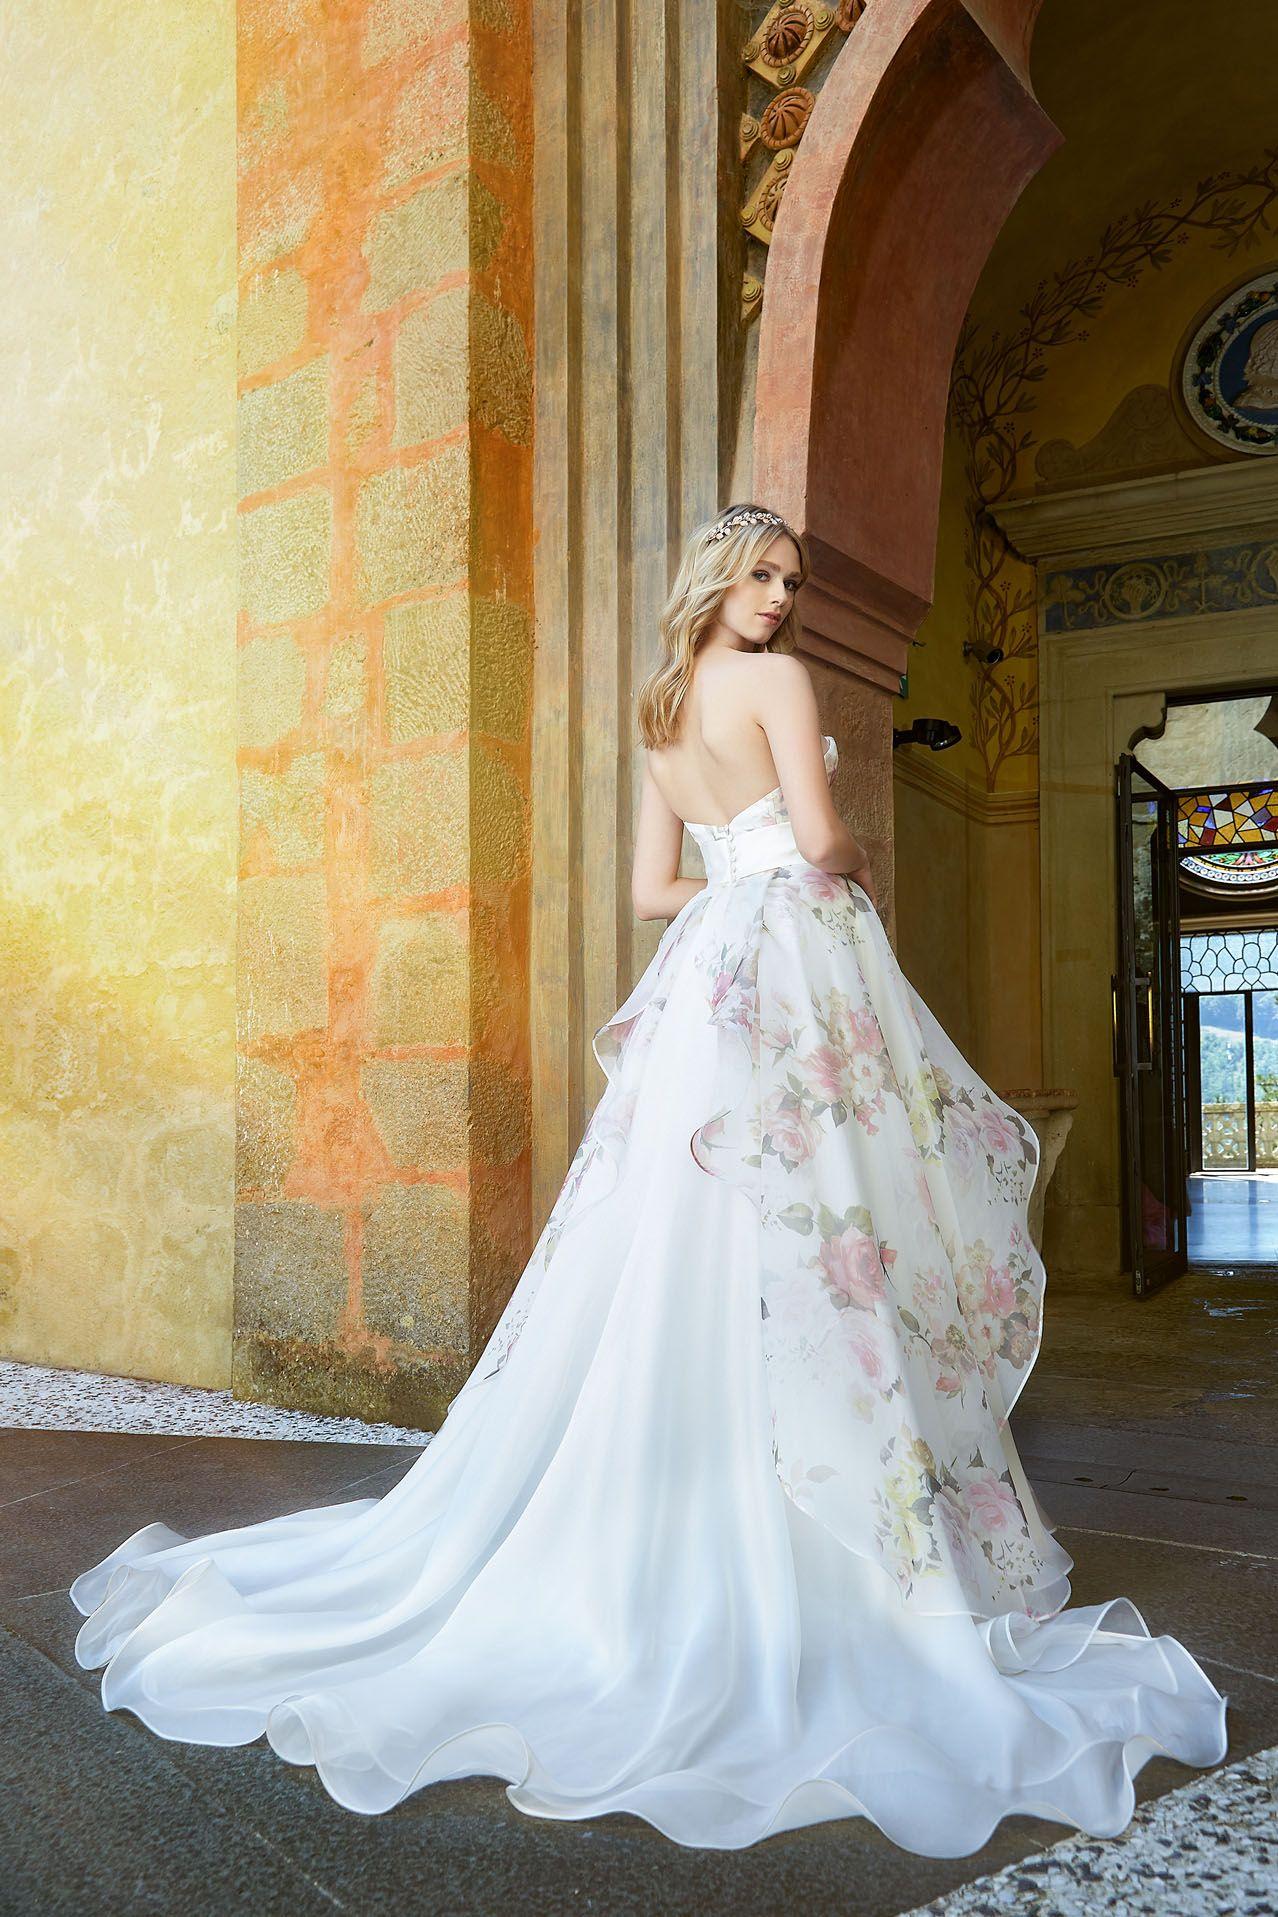 94b64cd94415 MODELLO SB 2118 Splendido abito da sposa in organza di seta pura stampata  con motivo a